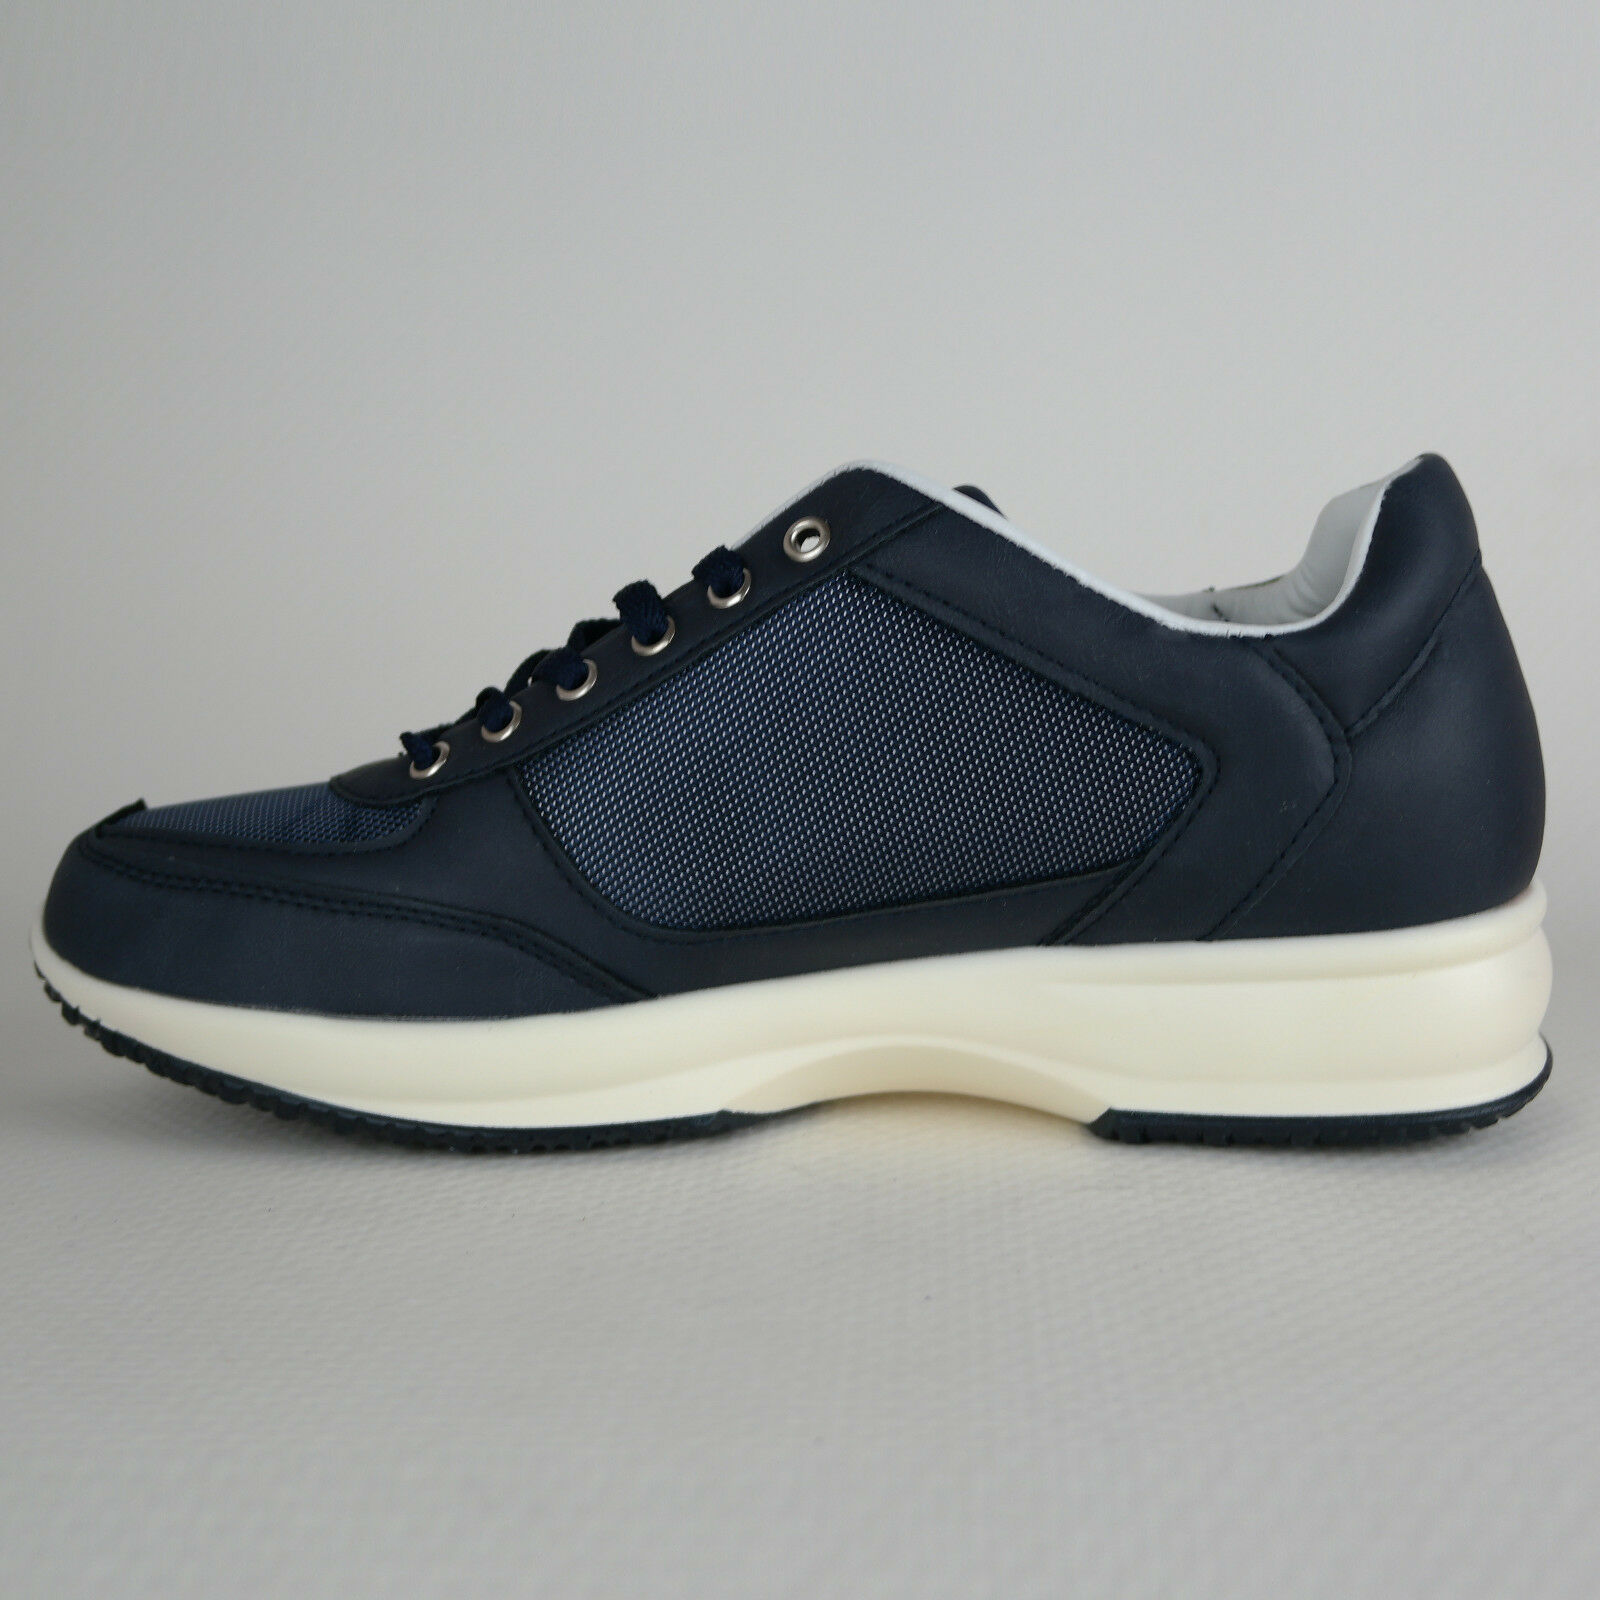 Scarpe UOMO pelle Classica Sportiva Blu Tessuto eco pelle UOMO Sneakers Stringate Scarpa 84d17a